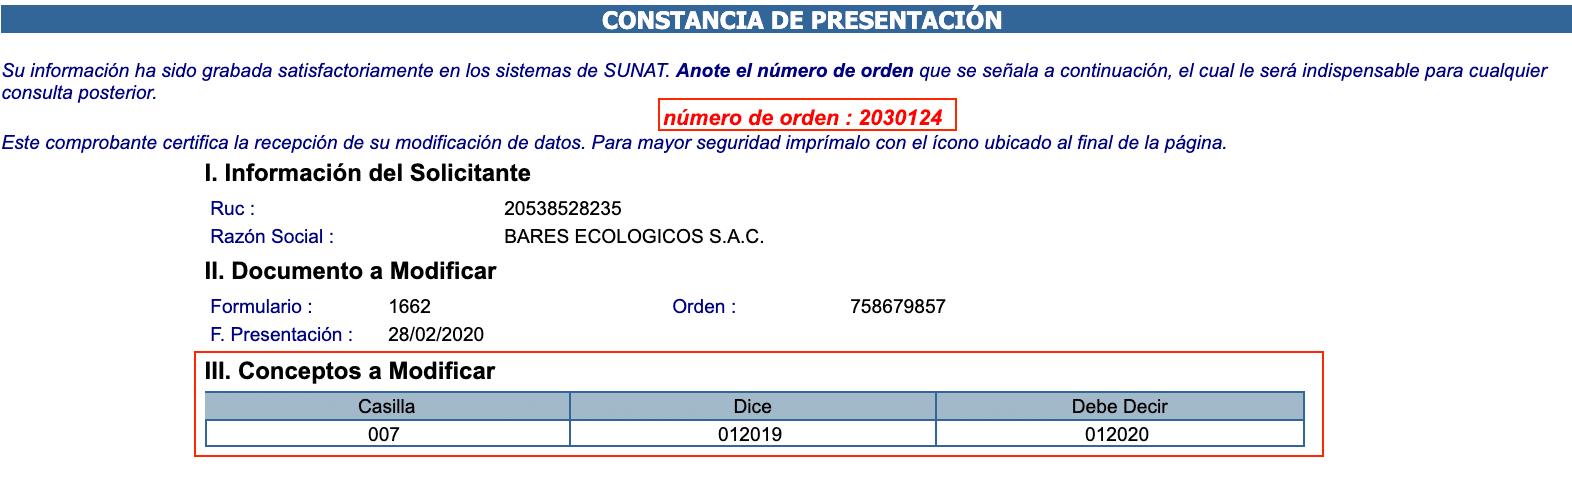 Constancia Llenado Formulario 1693 SUNAT